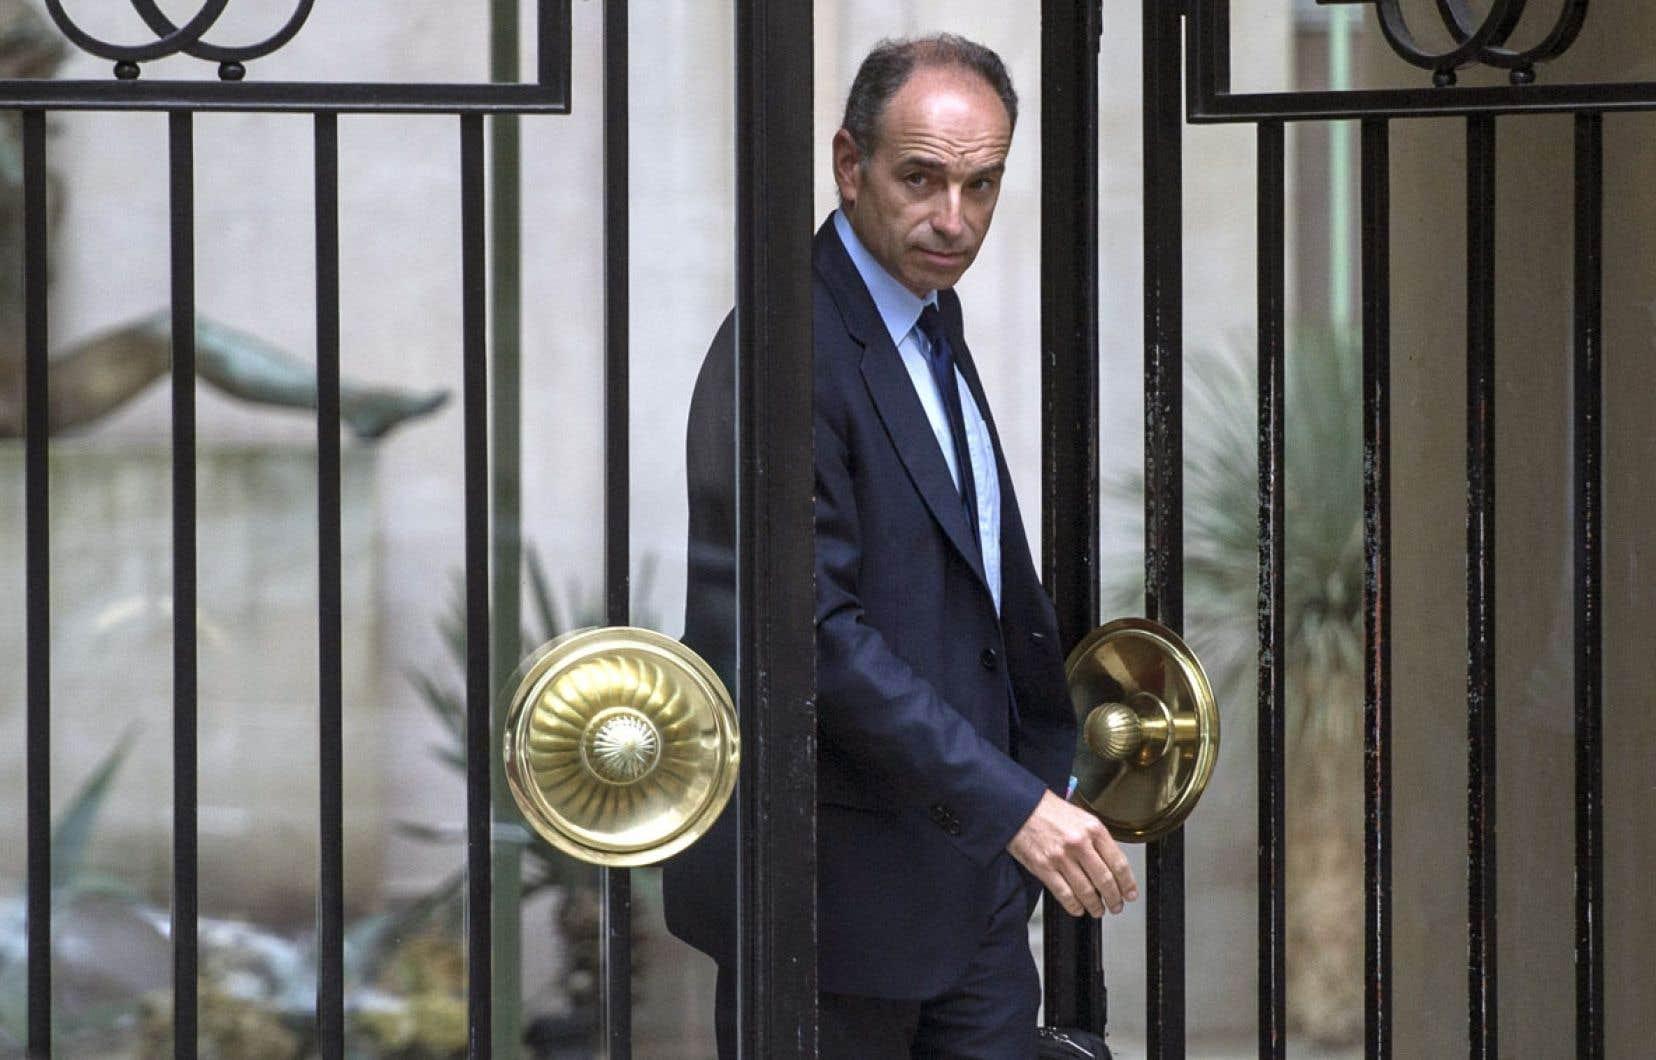 Jean-François Copé quittant sa résidence à Paris mardi. Il a été forcé d'abandonner la présidence de l'UMP.